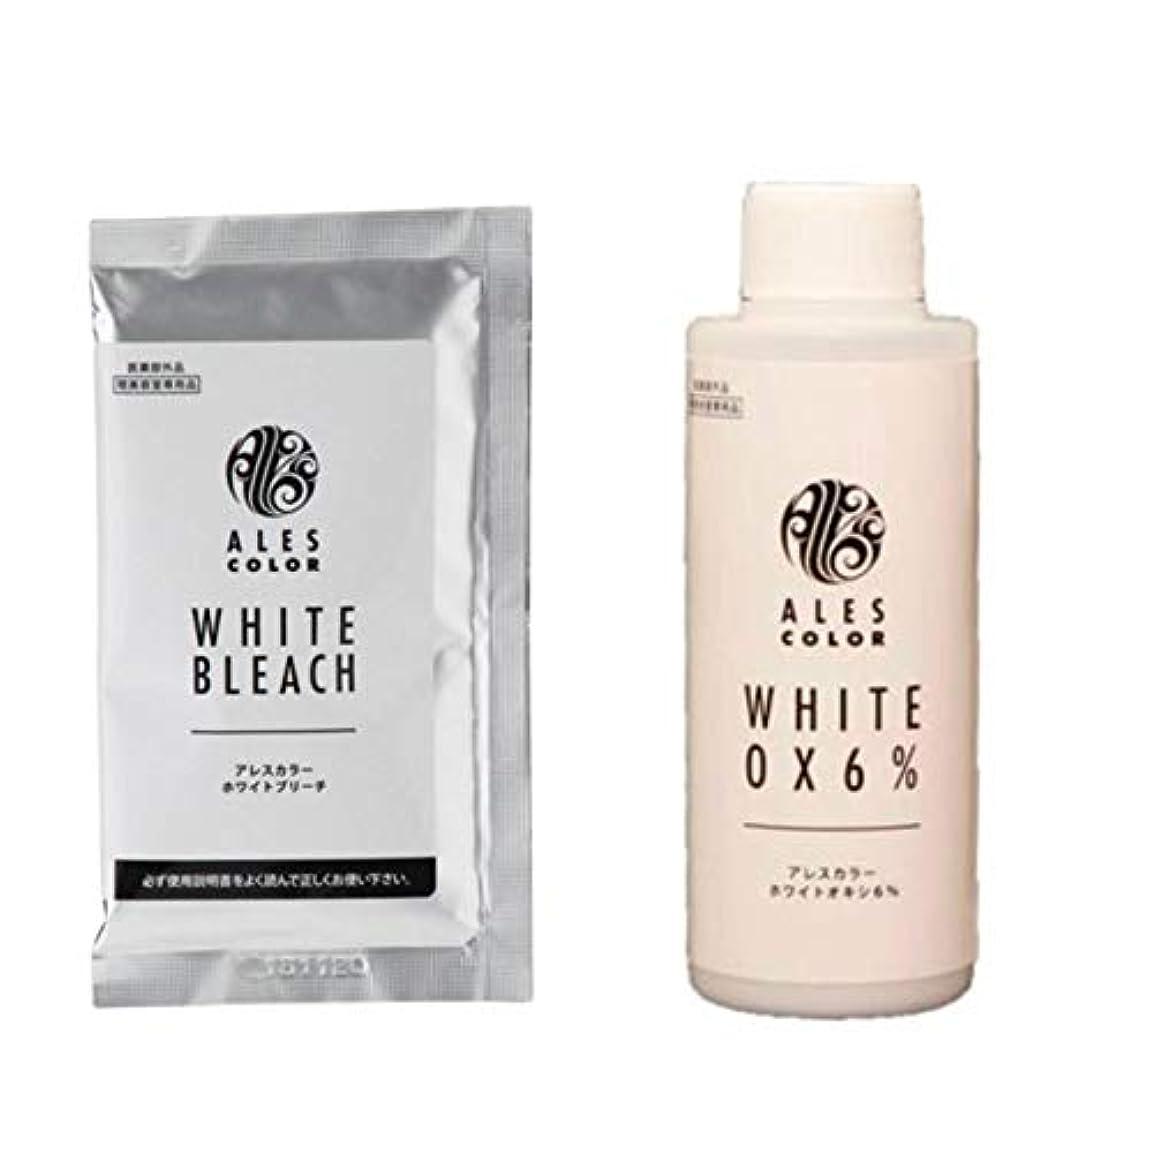 エレクトロニックお勧め奪うアレスカラー ホワイトブリーチ セット(1剤) 30g ホワイトオキシ6% 120ml